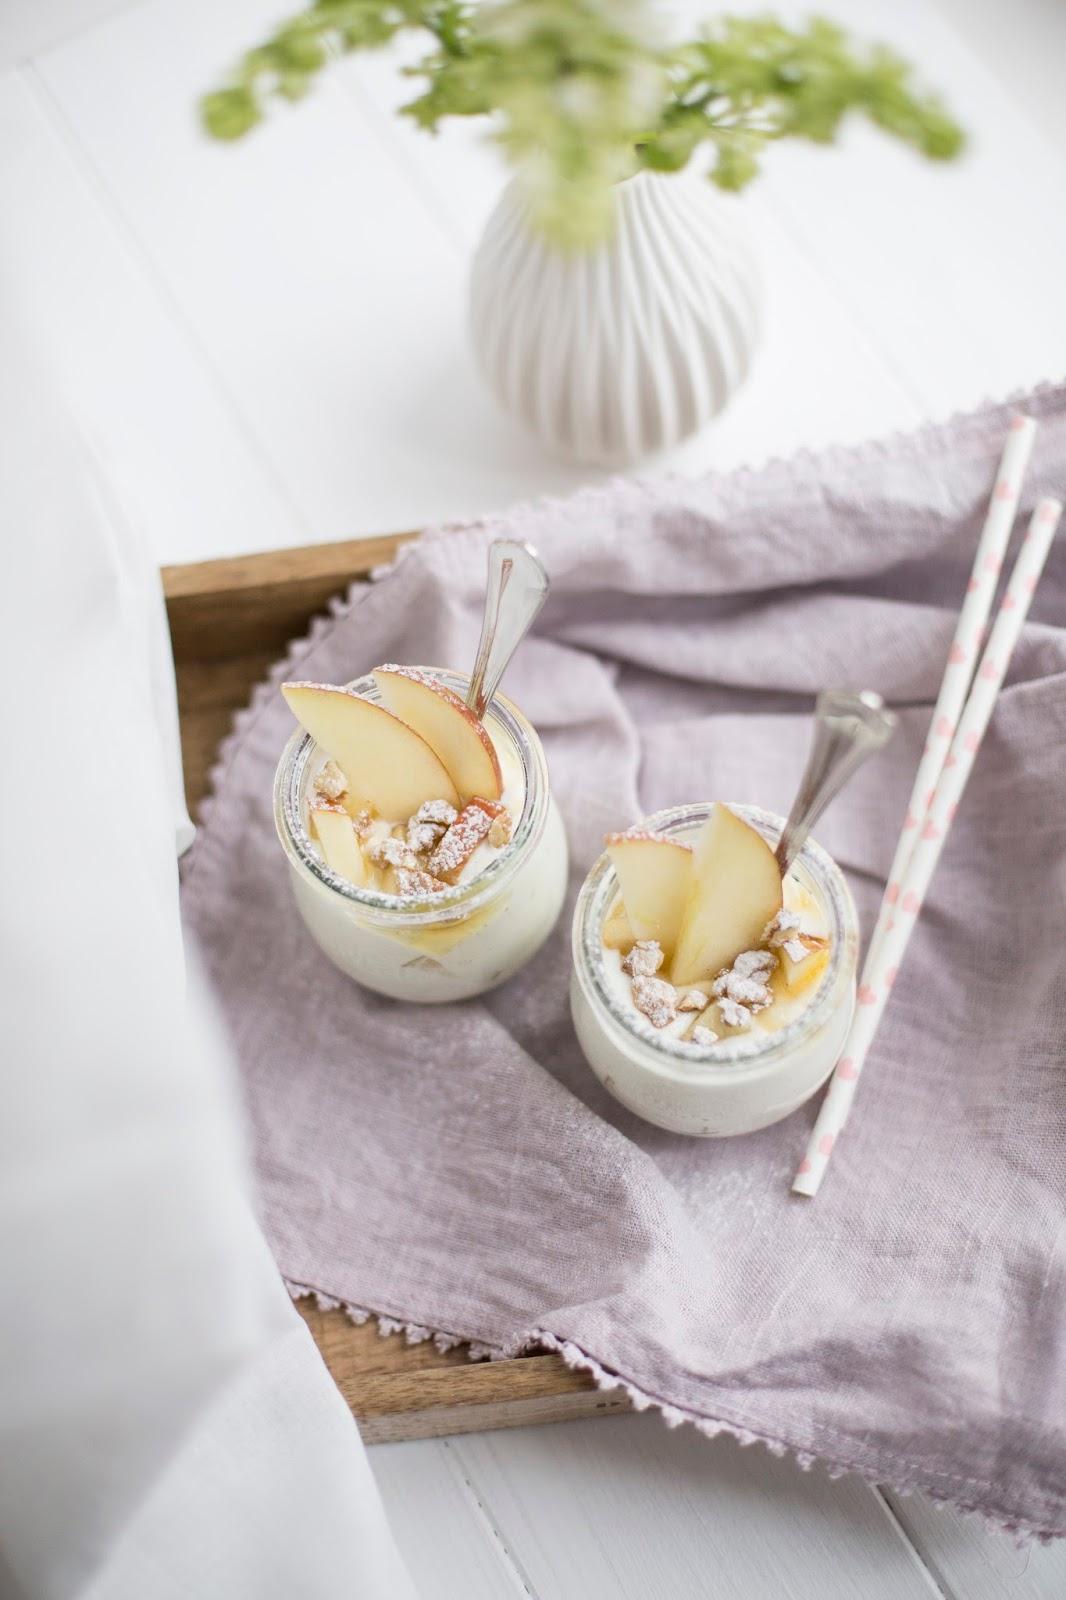 Joghurt mit Äpfeln und Nüssen